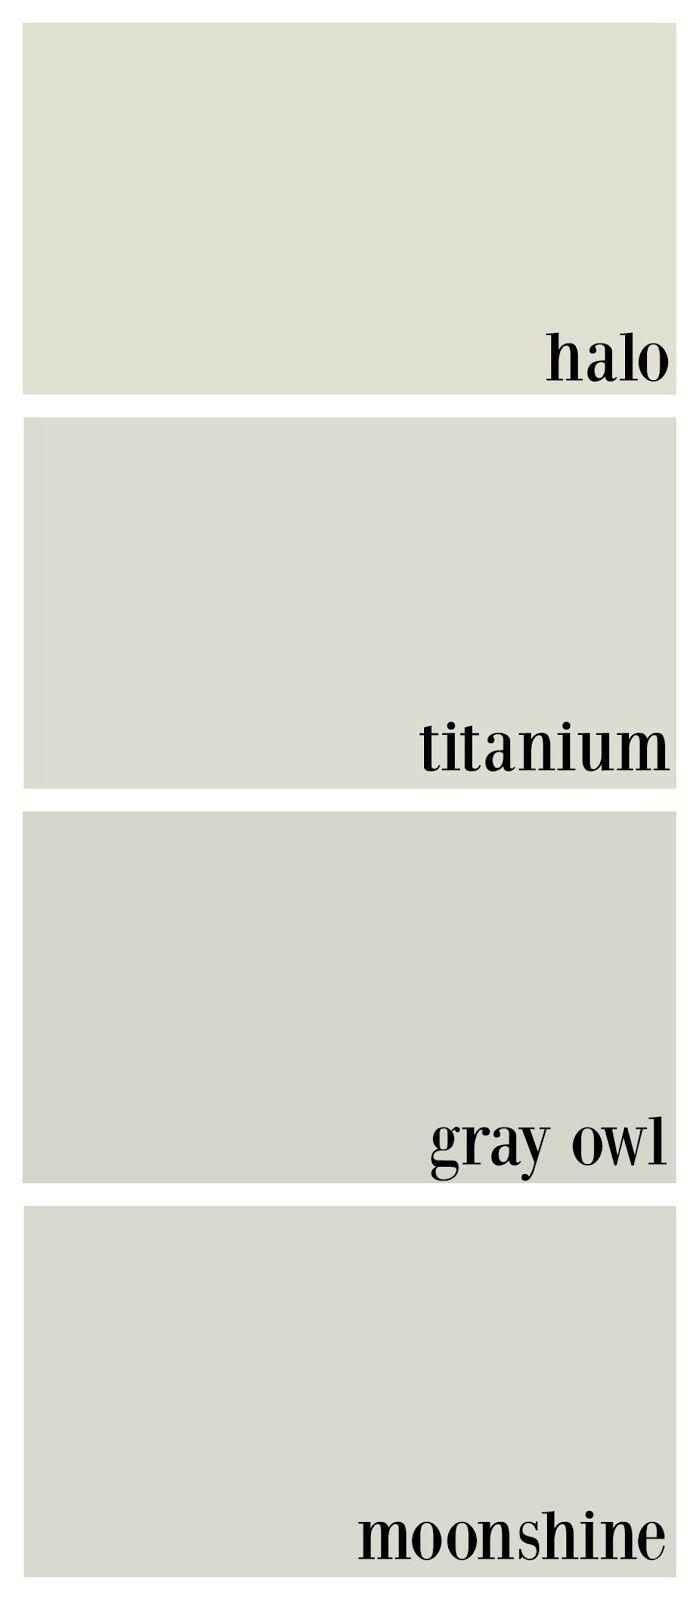 benjamin moore gray owl, benjamin moore titanium, benjamin moore halo, benjamin moore moonshine comparison